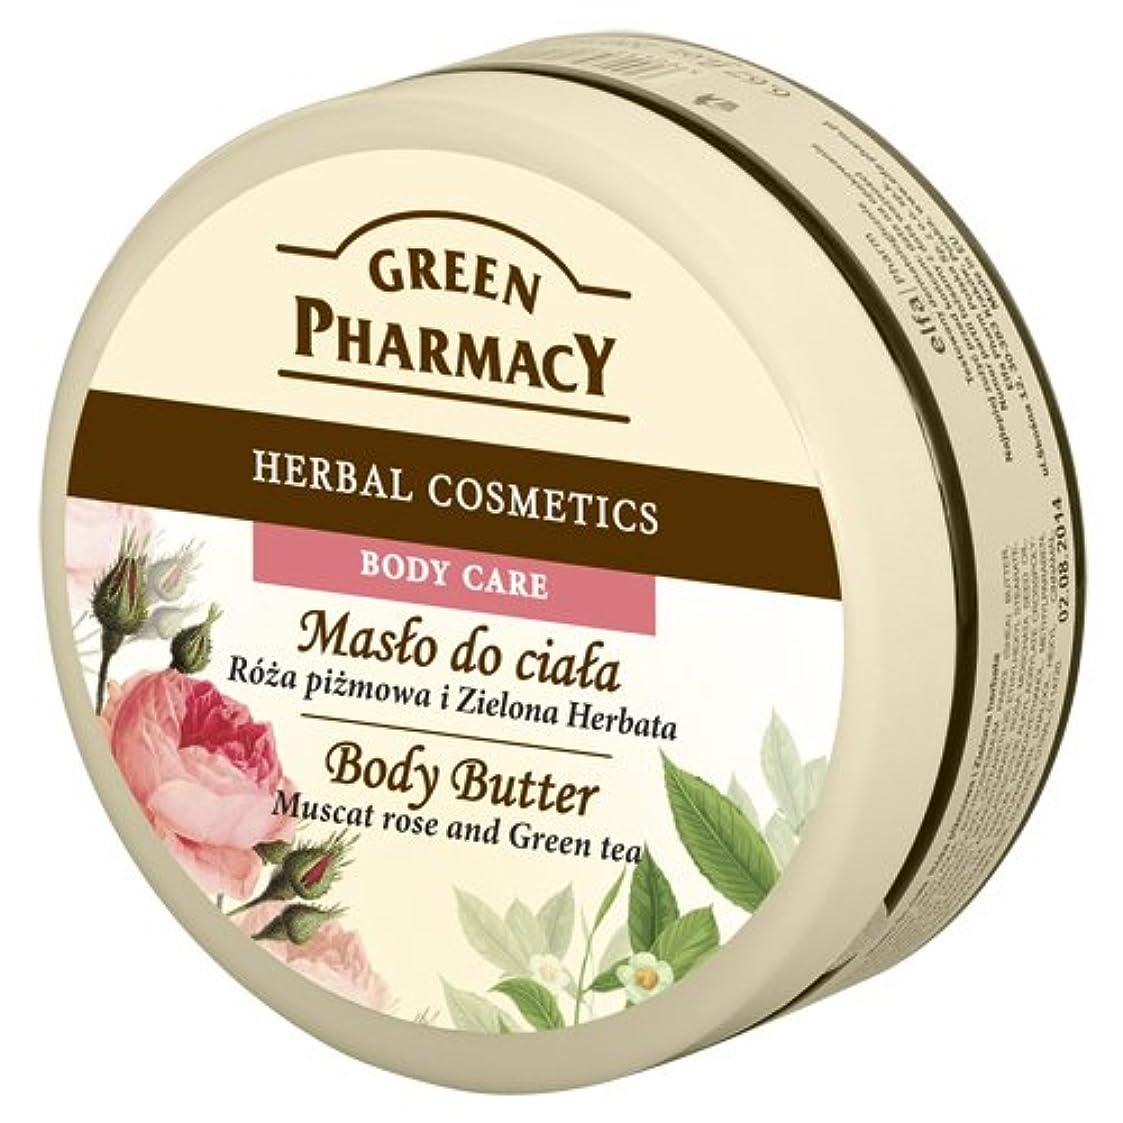 ベッツィトロットウッドルーフアスレチックElfa Pharm Green Pharmacy グリーンファーマシー Body Butter ボディバター Muscat Rose and Green Tea